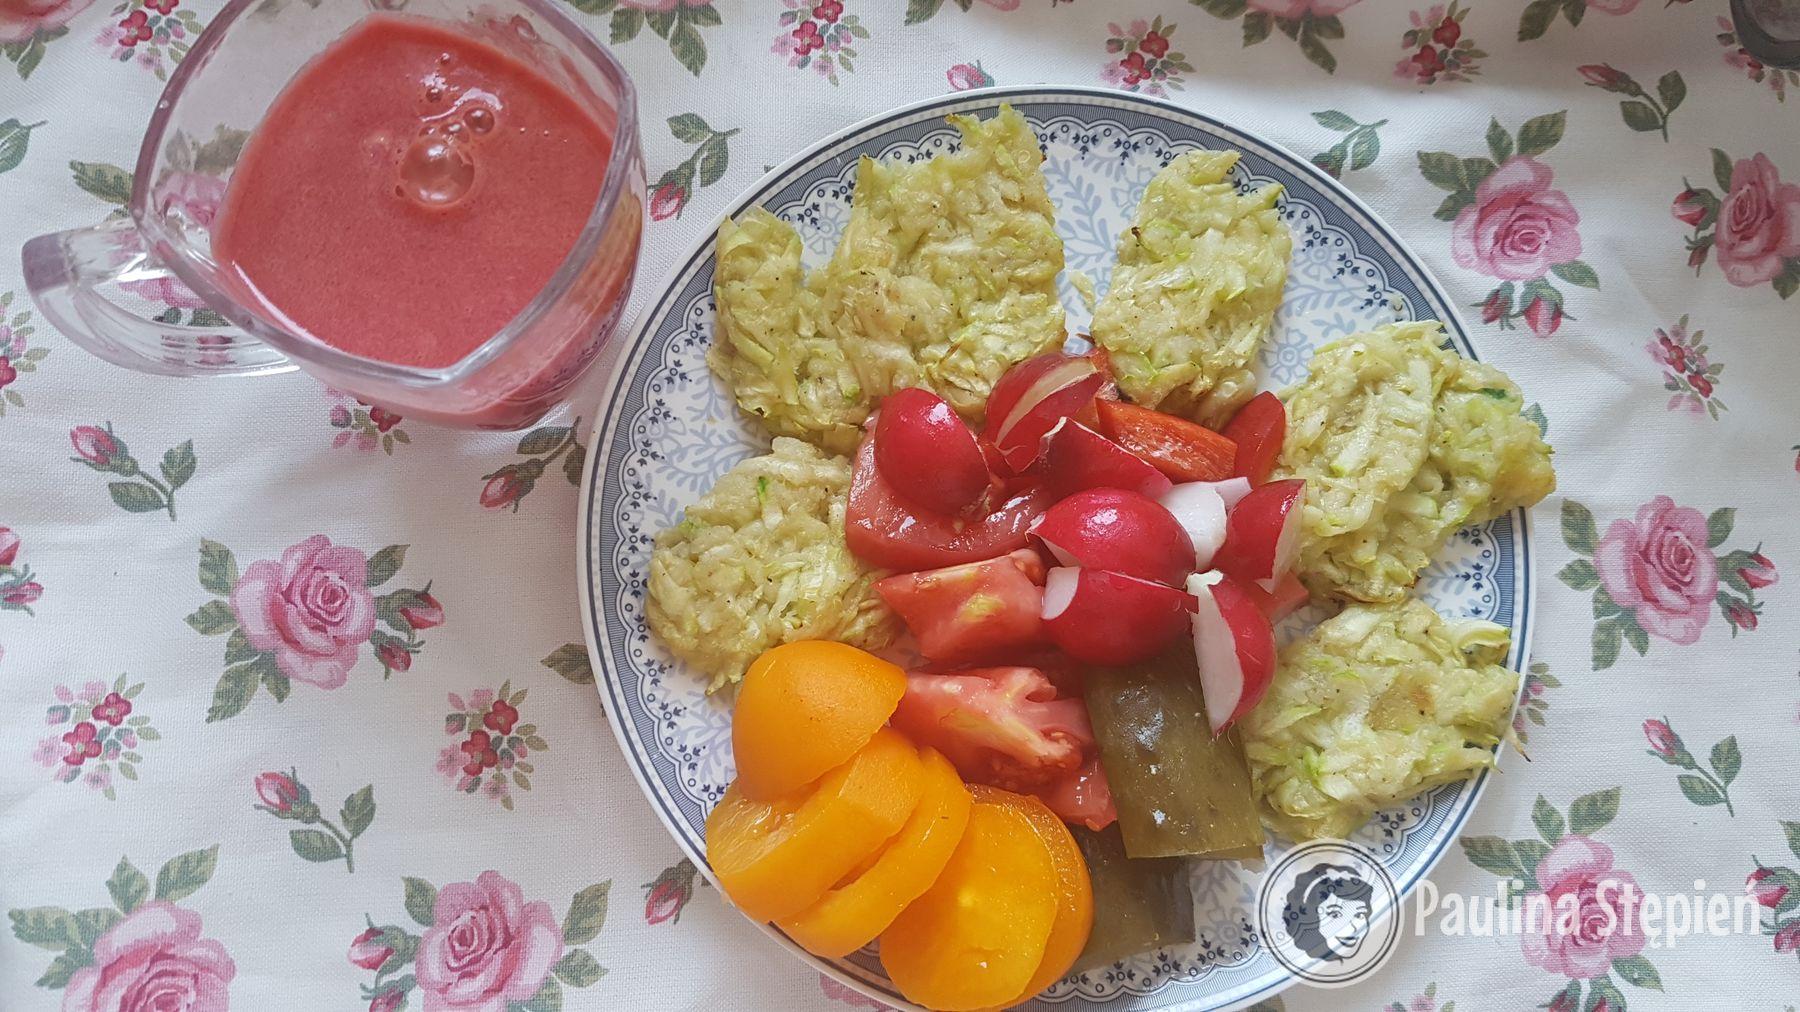 Śniadanie: kotlety-placki z cukinii, warzywa, sok